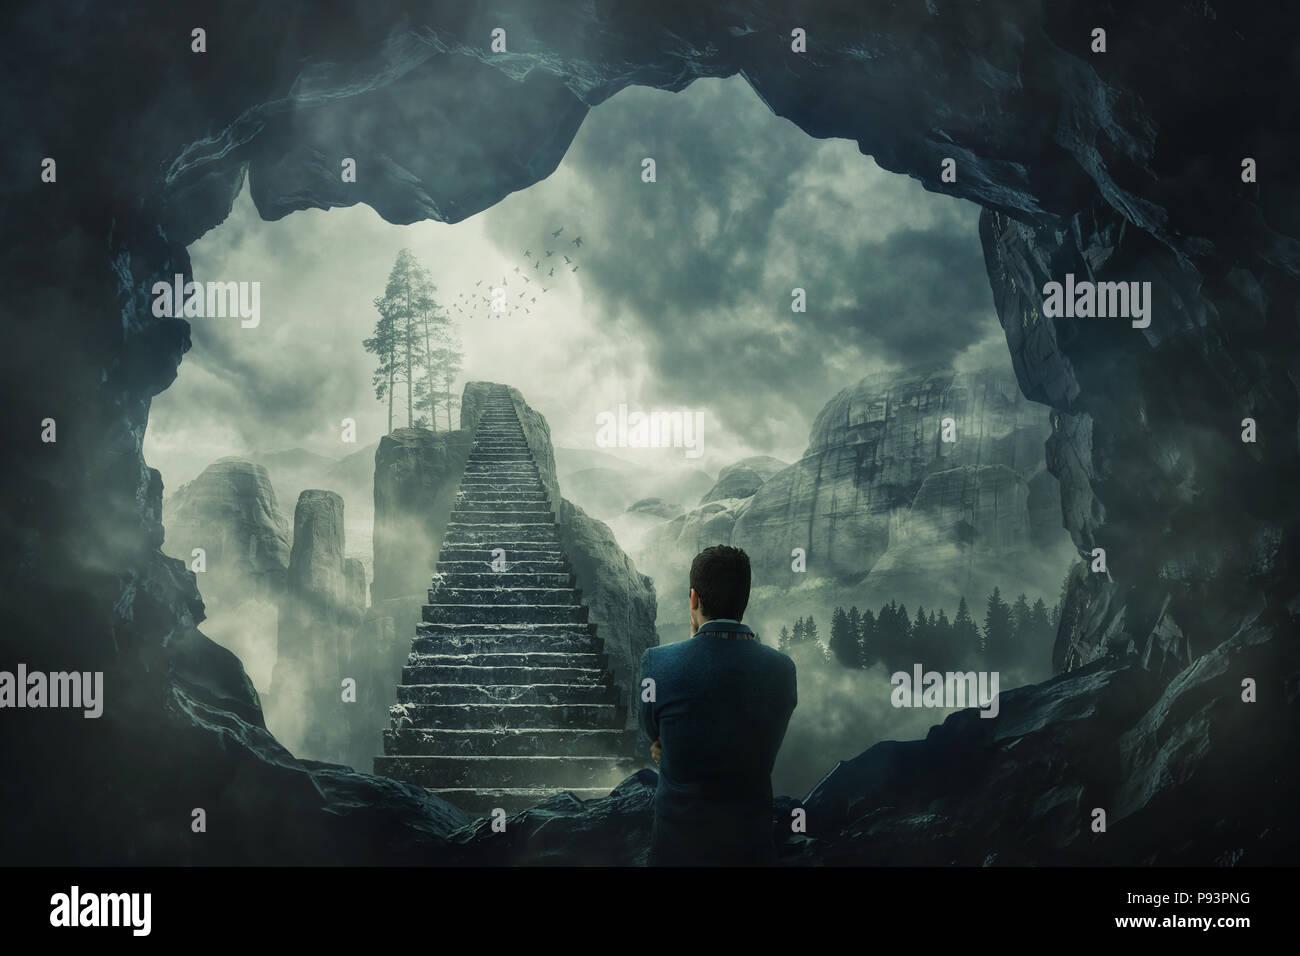 Vue surréaliste comme un homme s'échapper d'une grotte sombre se tenir en face d'un escalier mystique traverser l'abîme brumeux aller jusqu'au paradis inconnu. Occasion s Photo Stock